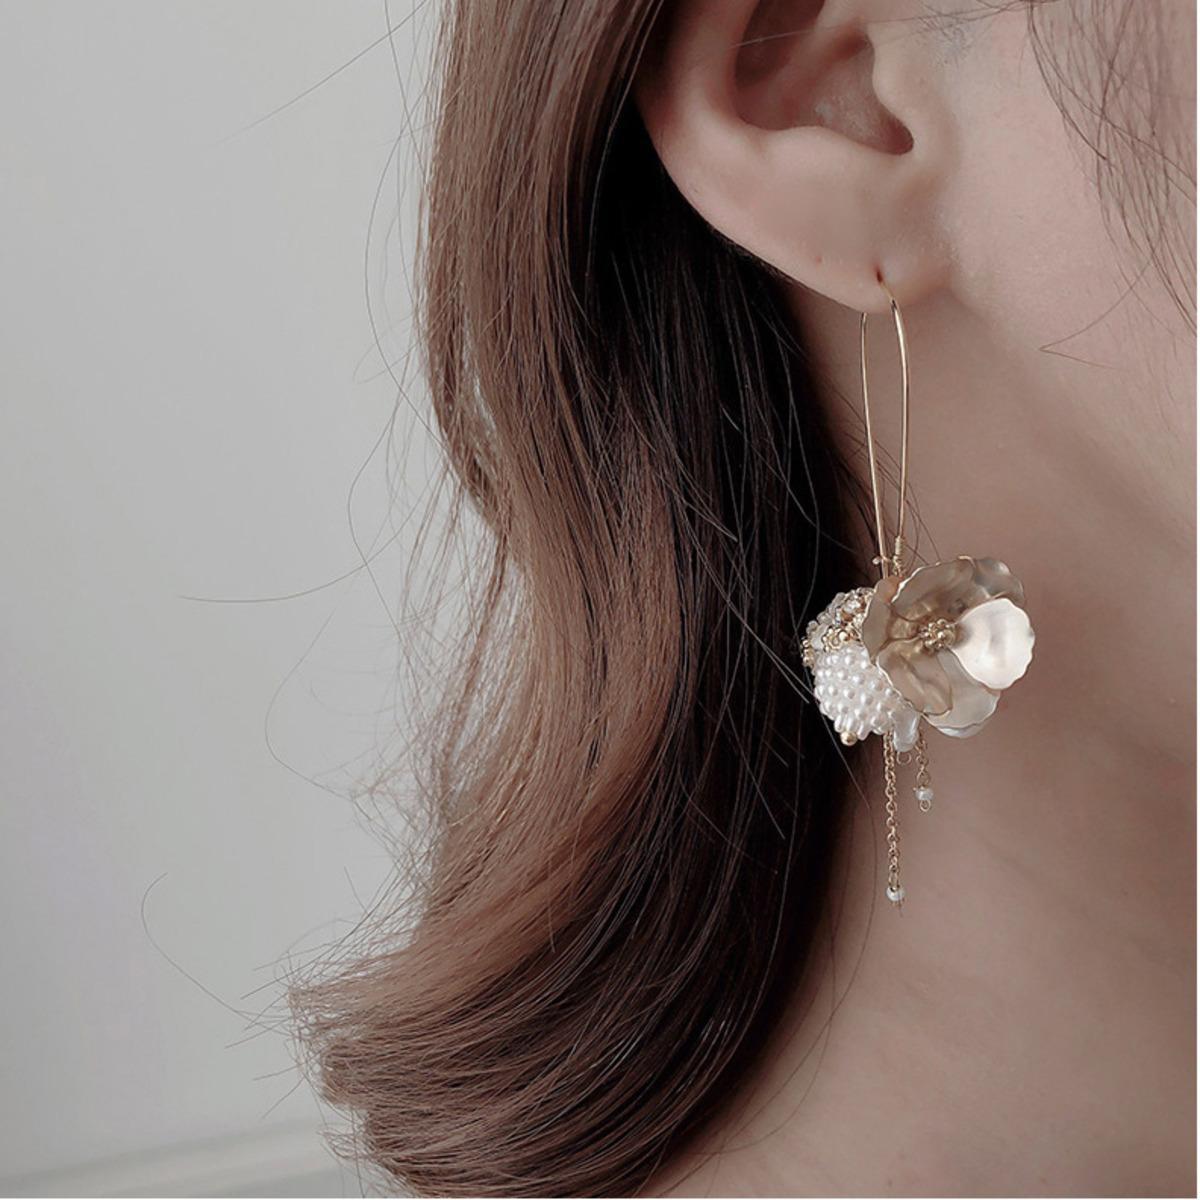 Korea earrings pearl luxury geometry metal gold shell pearl ball flower tassel long section ear rings fashion women earring 2019